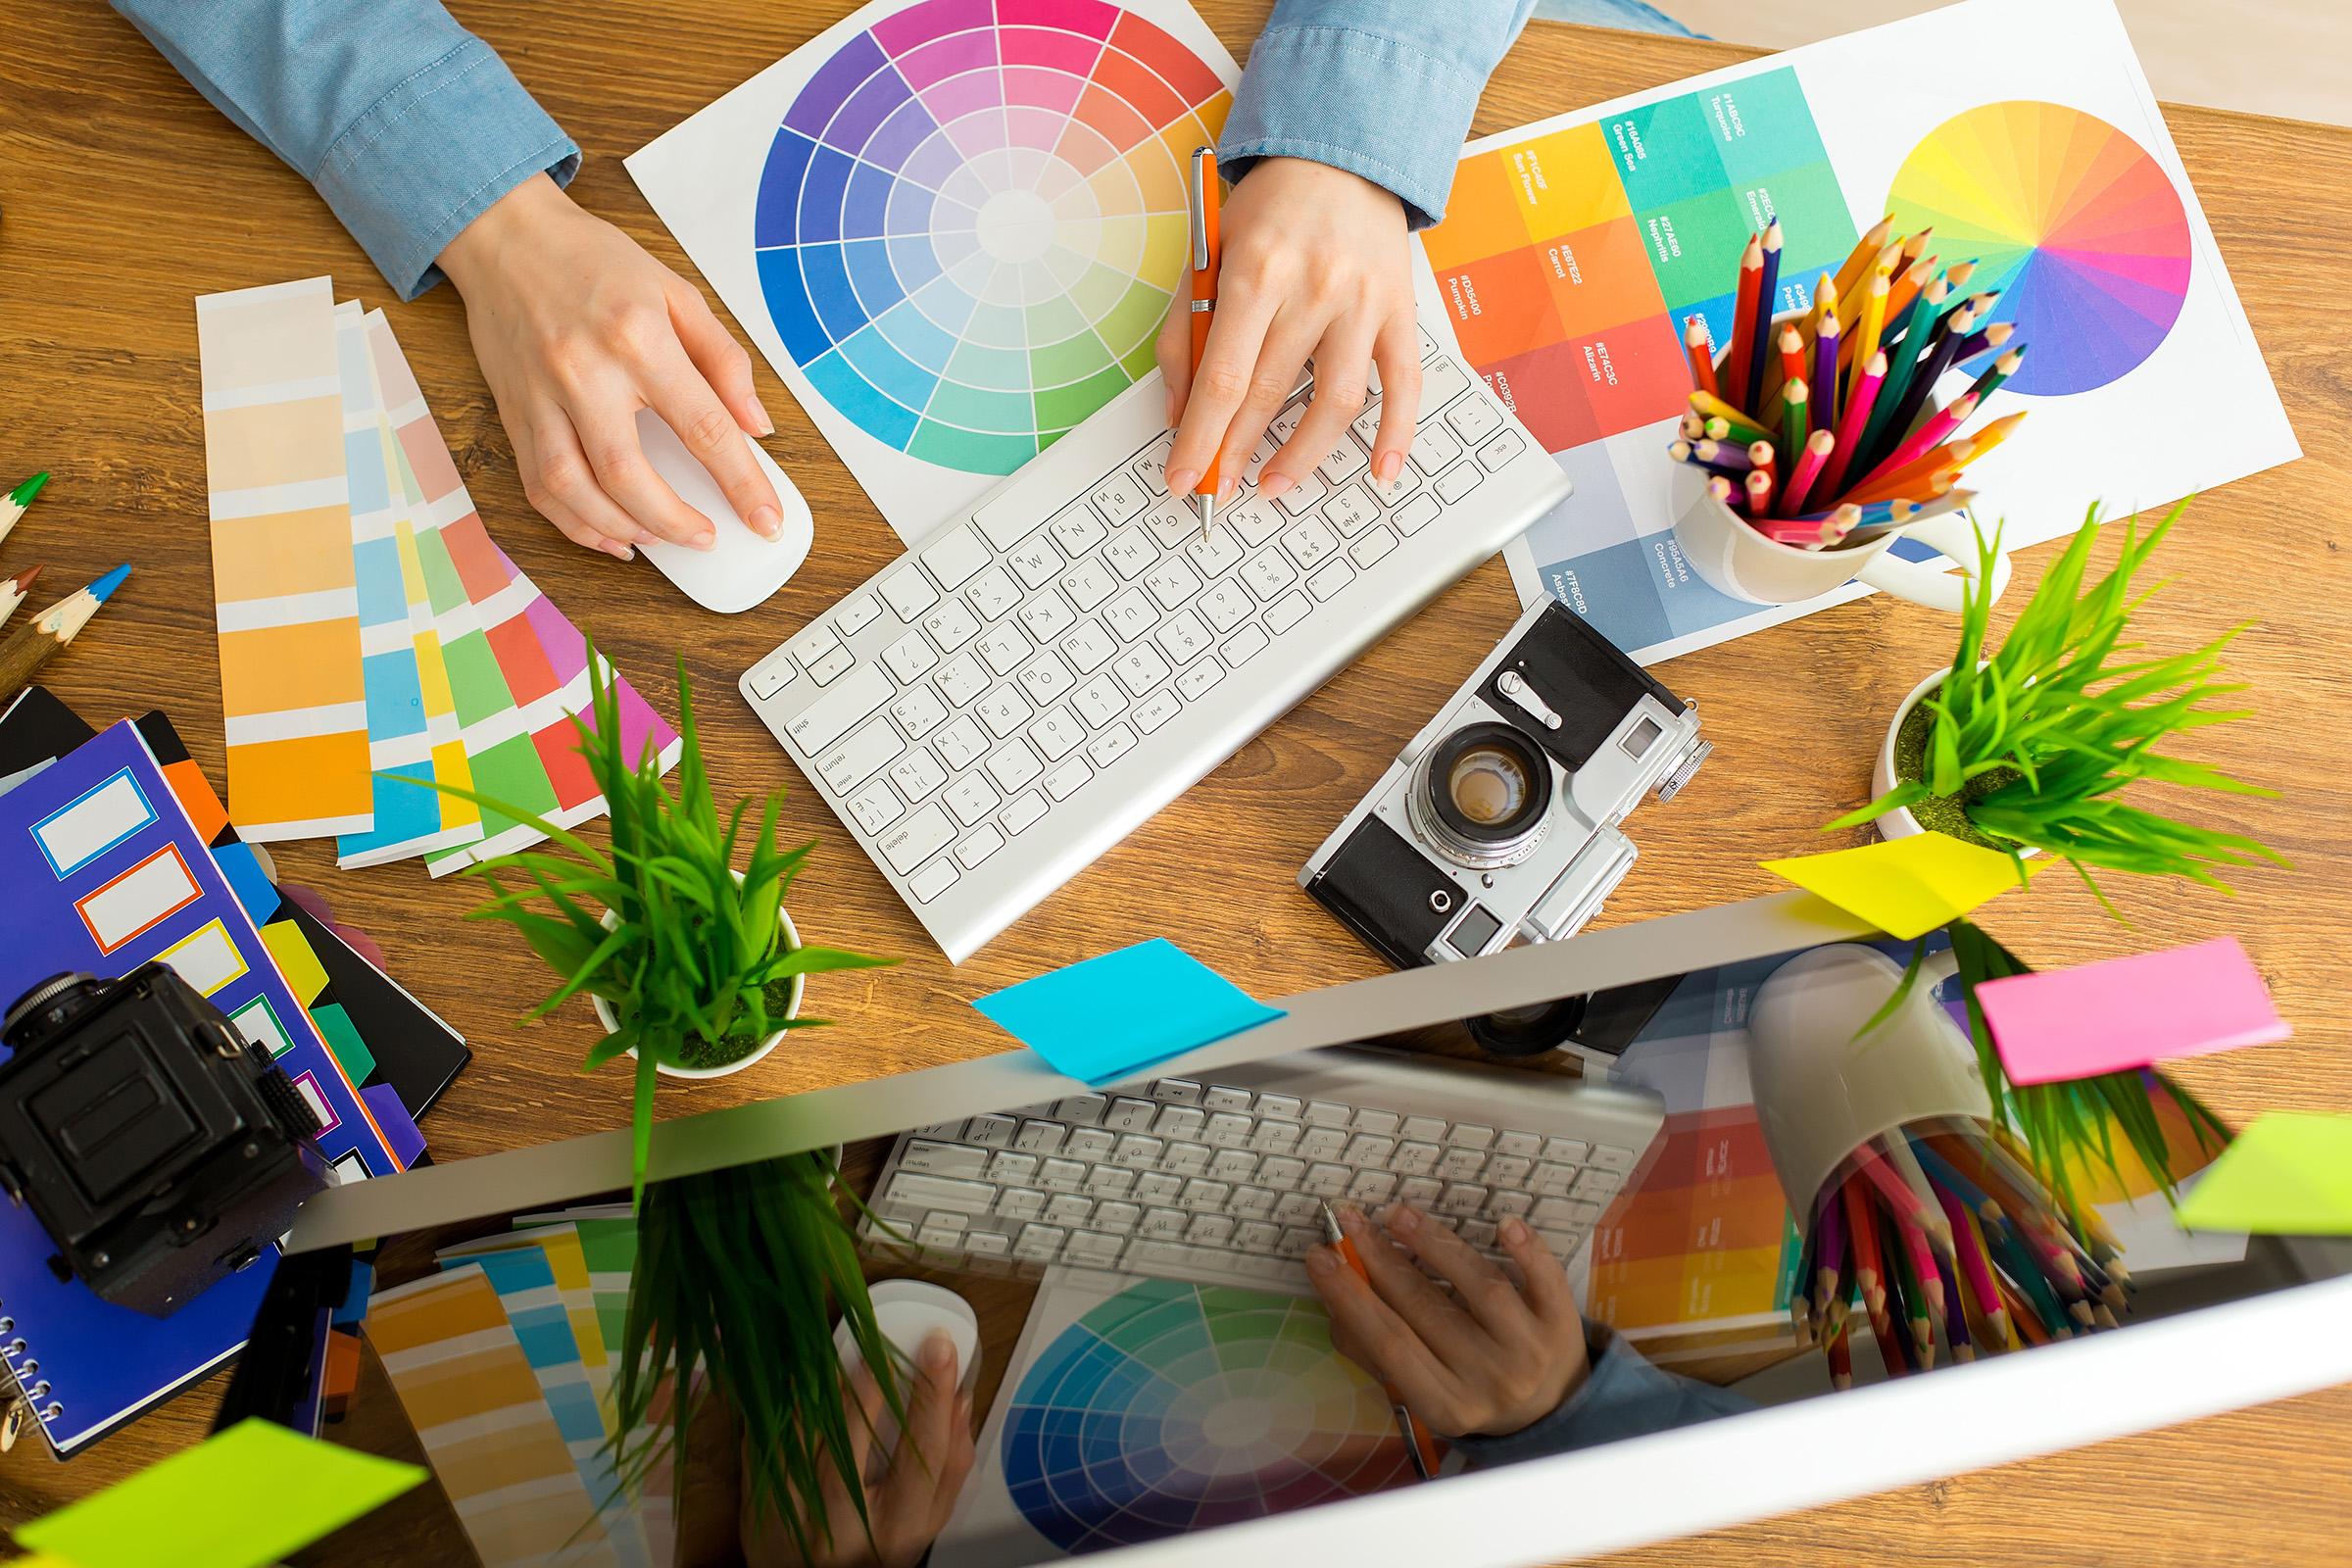 Grafik Design | Gruber Werbeagentur Ihre Vision Wird Unsere Leidenschaft